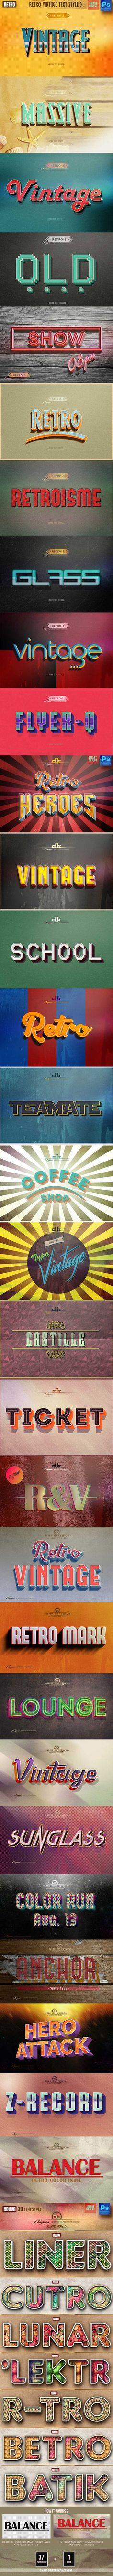 37 Retro & Vintage Style Bundle #psd #photoshop #old text • Download ➝ https://graphicriver.net/item/37-retro-vintage-style-bundle/12947171?ref=pxcr